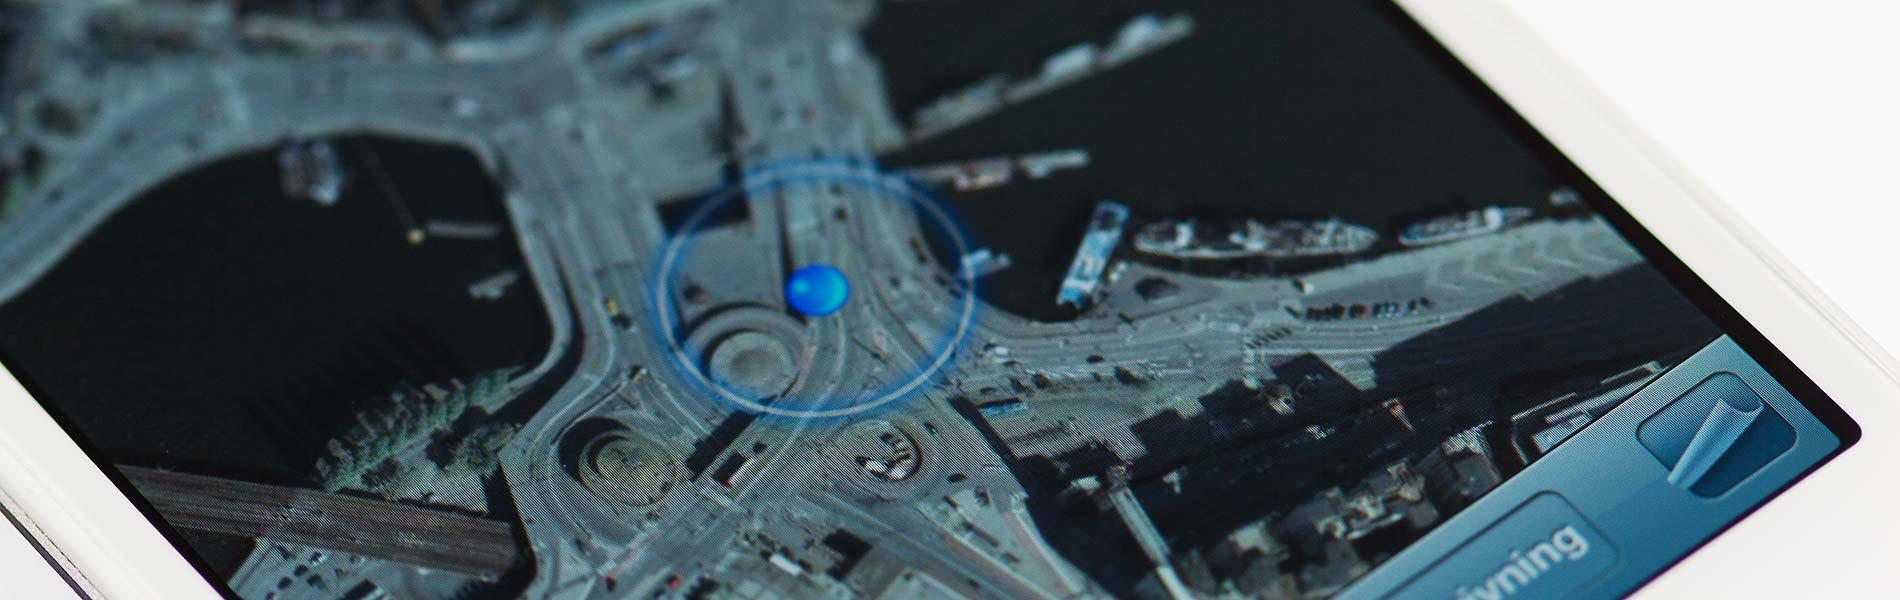 Närbild på en gps-karta